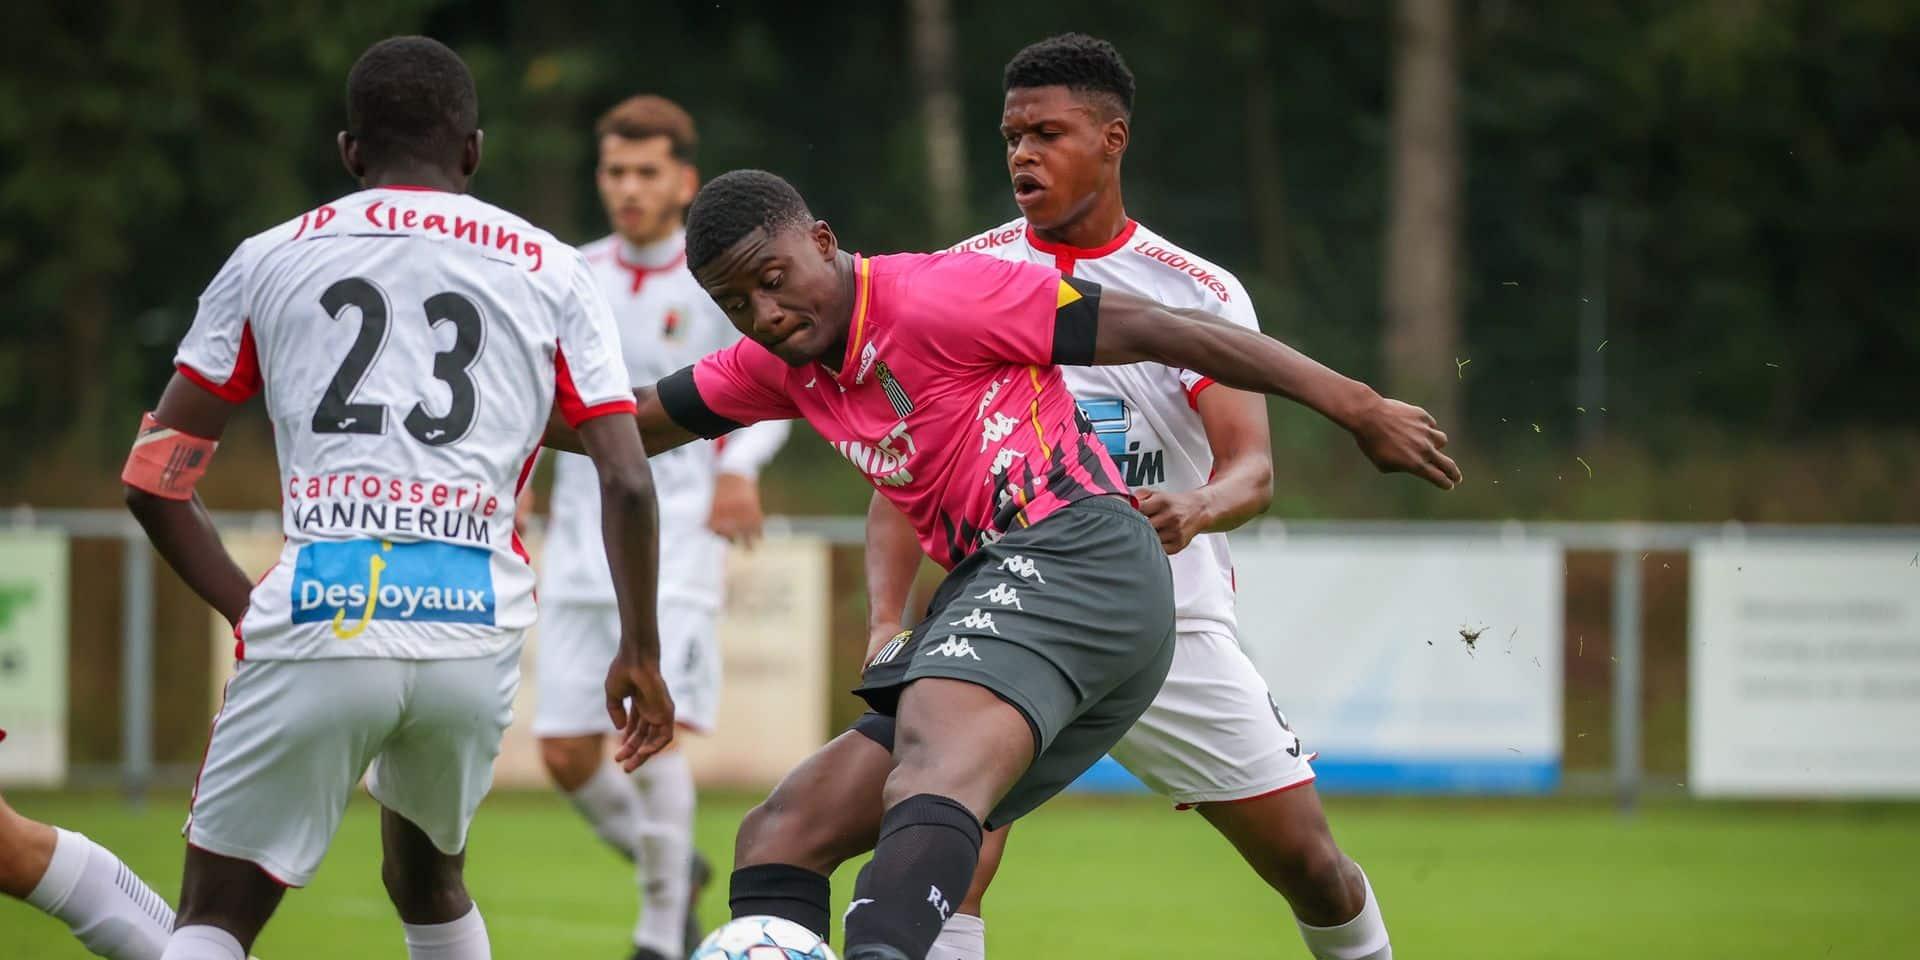 Charleroi et le RWDM se neutralisent en match amical (2-2)